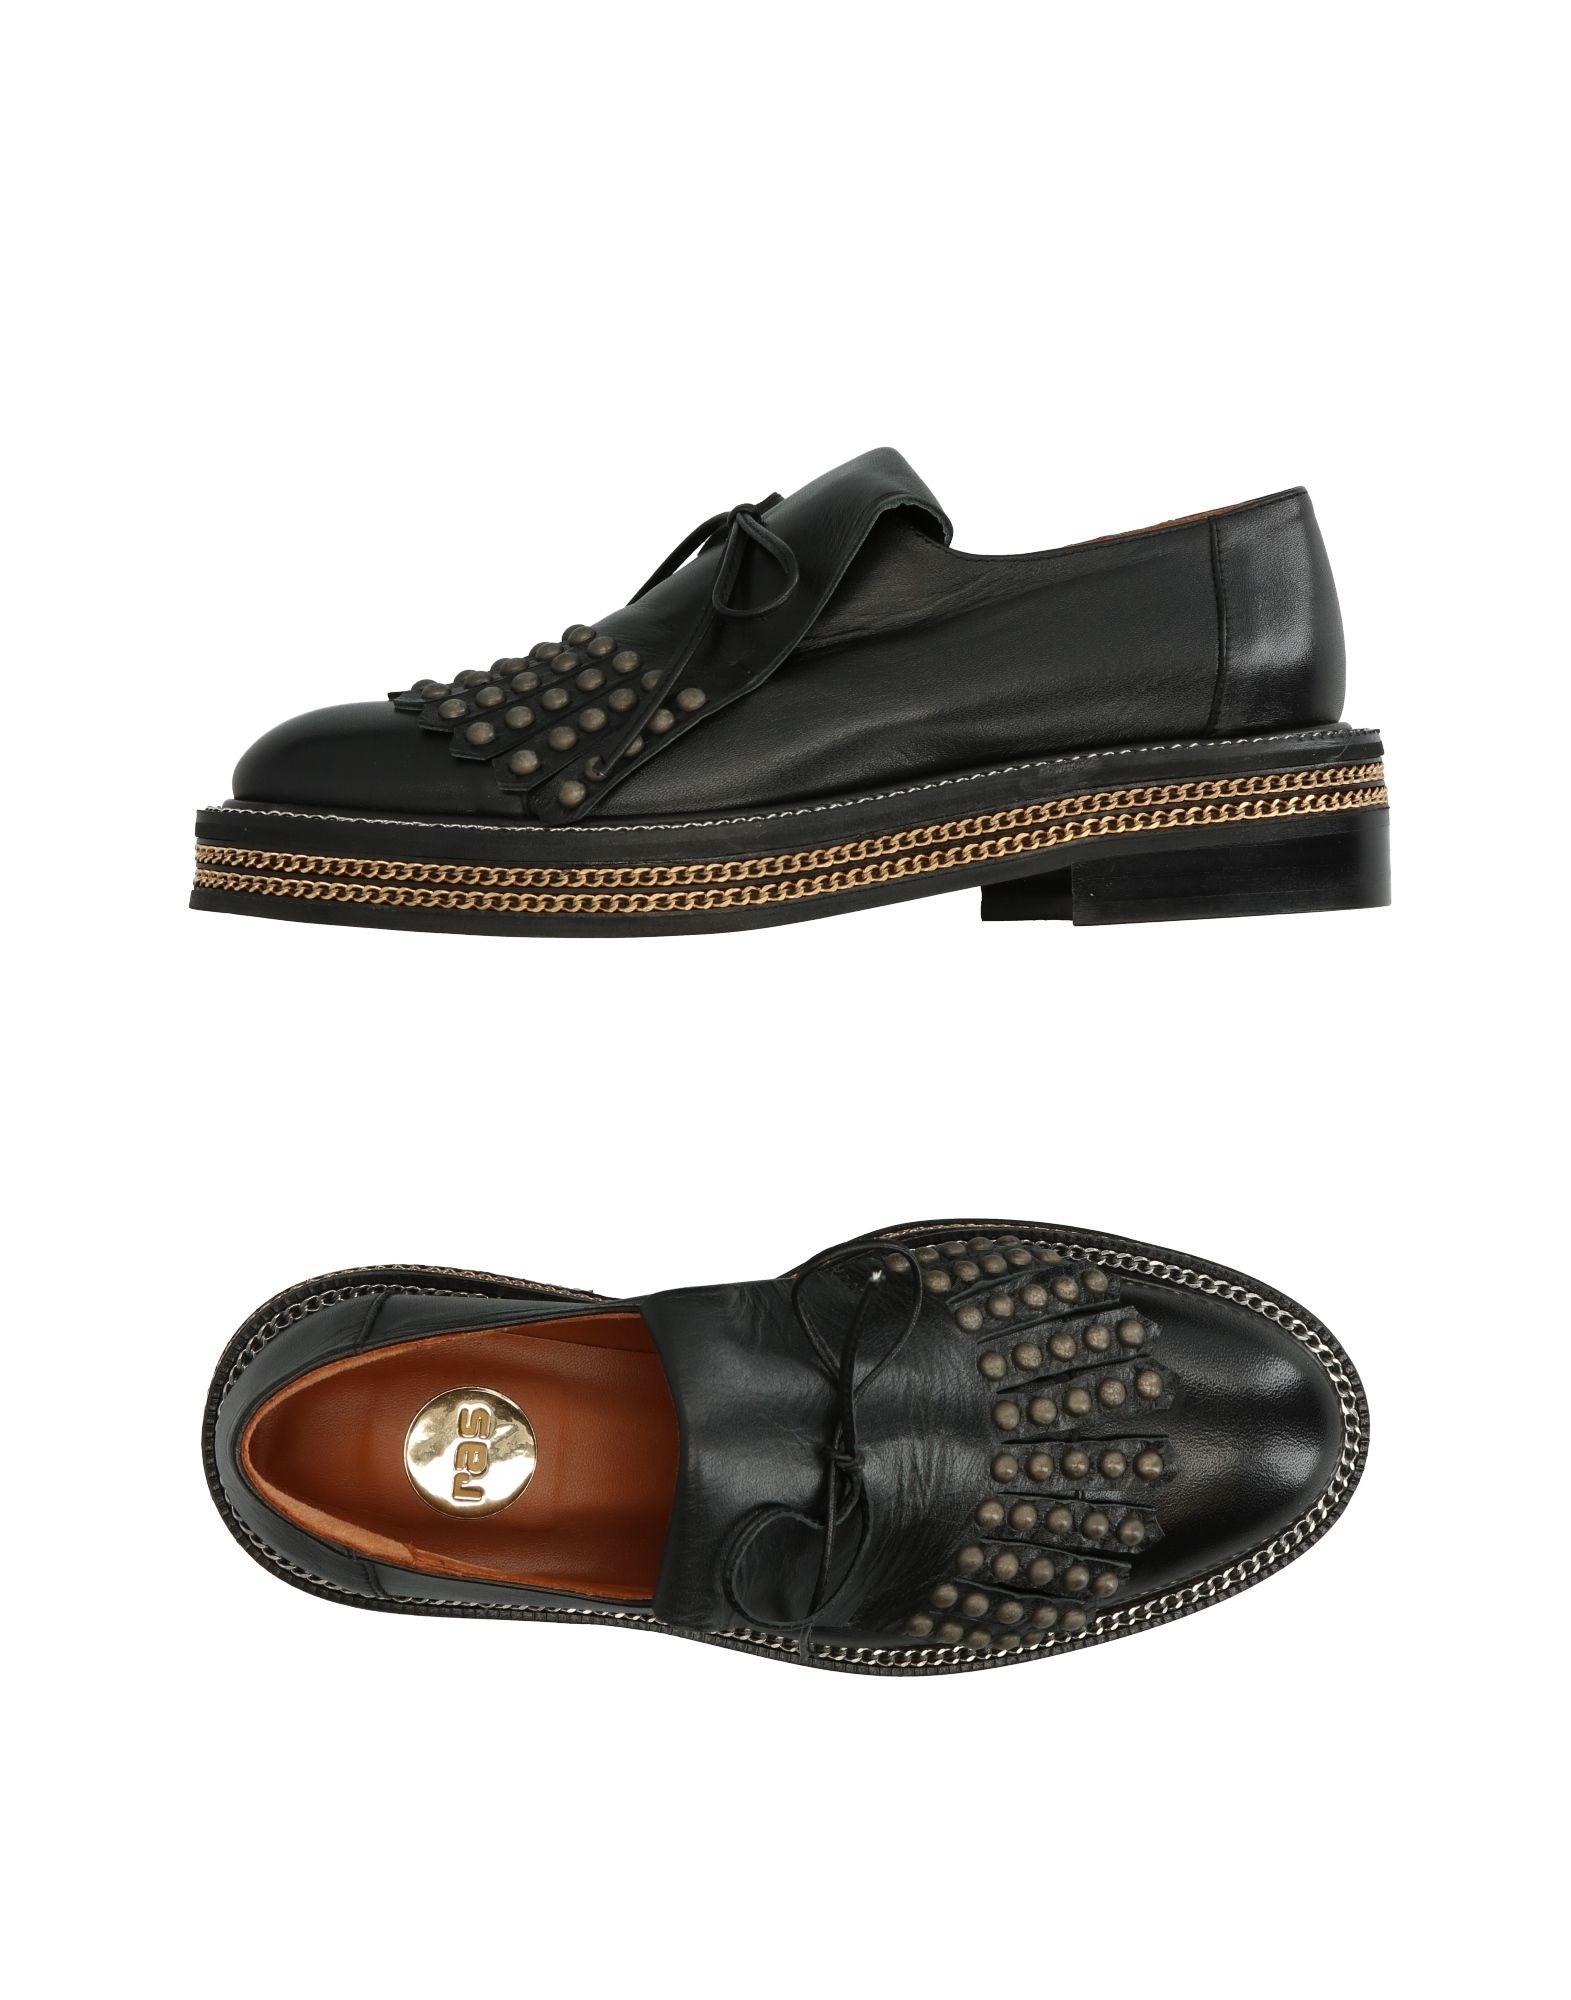 Ras Mokassins Damen  11280872PM Gute Qualität beliebte Schuhe